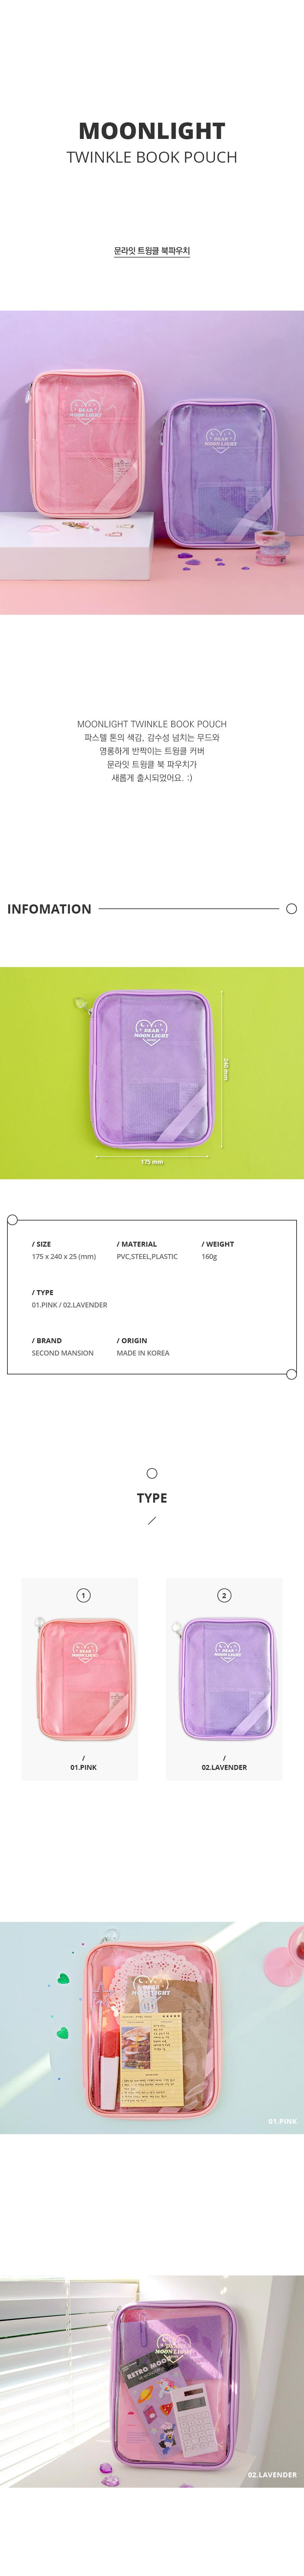 문라잇 트윙클 북 파우치 - 세컨드맨션, 21,900원, 파일/클립보드, 화일케이스